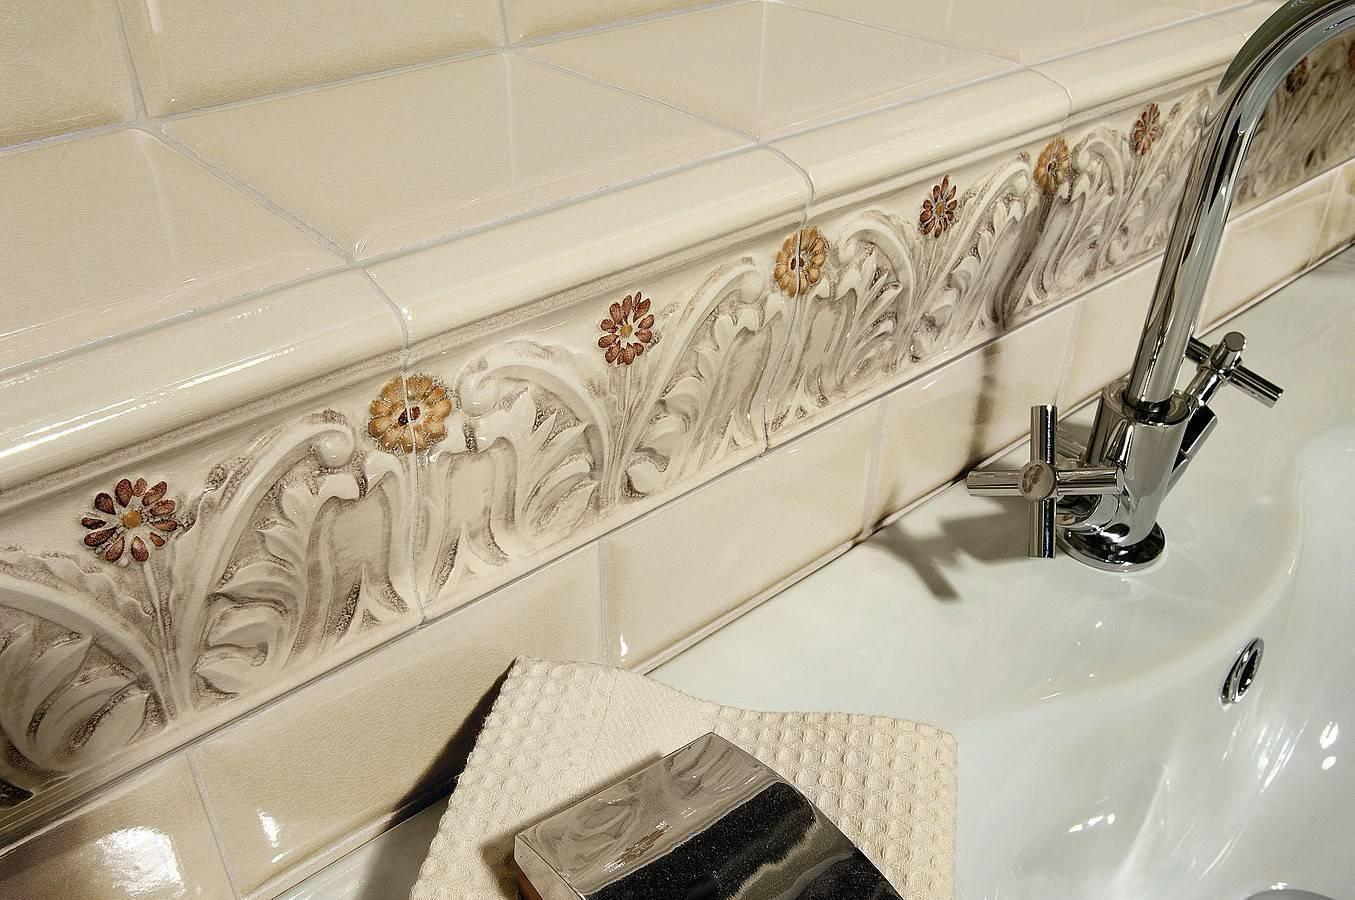 Керамический бордюр для ванной, виды угловых бордюров (фото, видео)